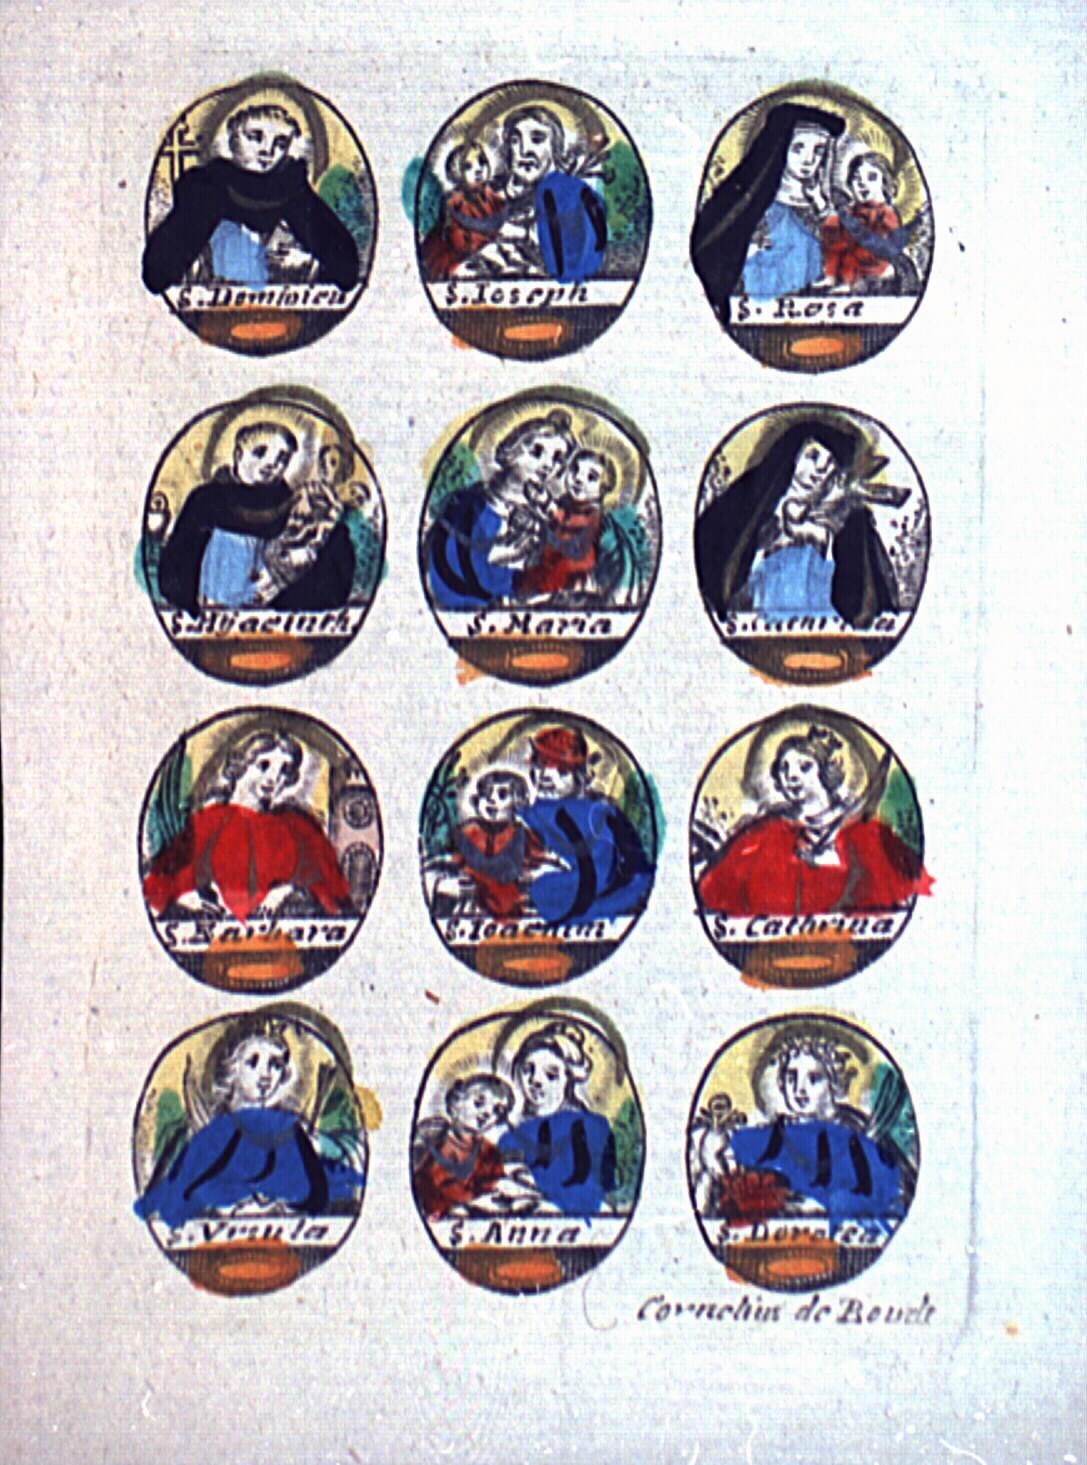 Image pieuse à l'effigie de différents saints.